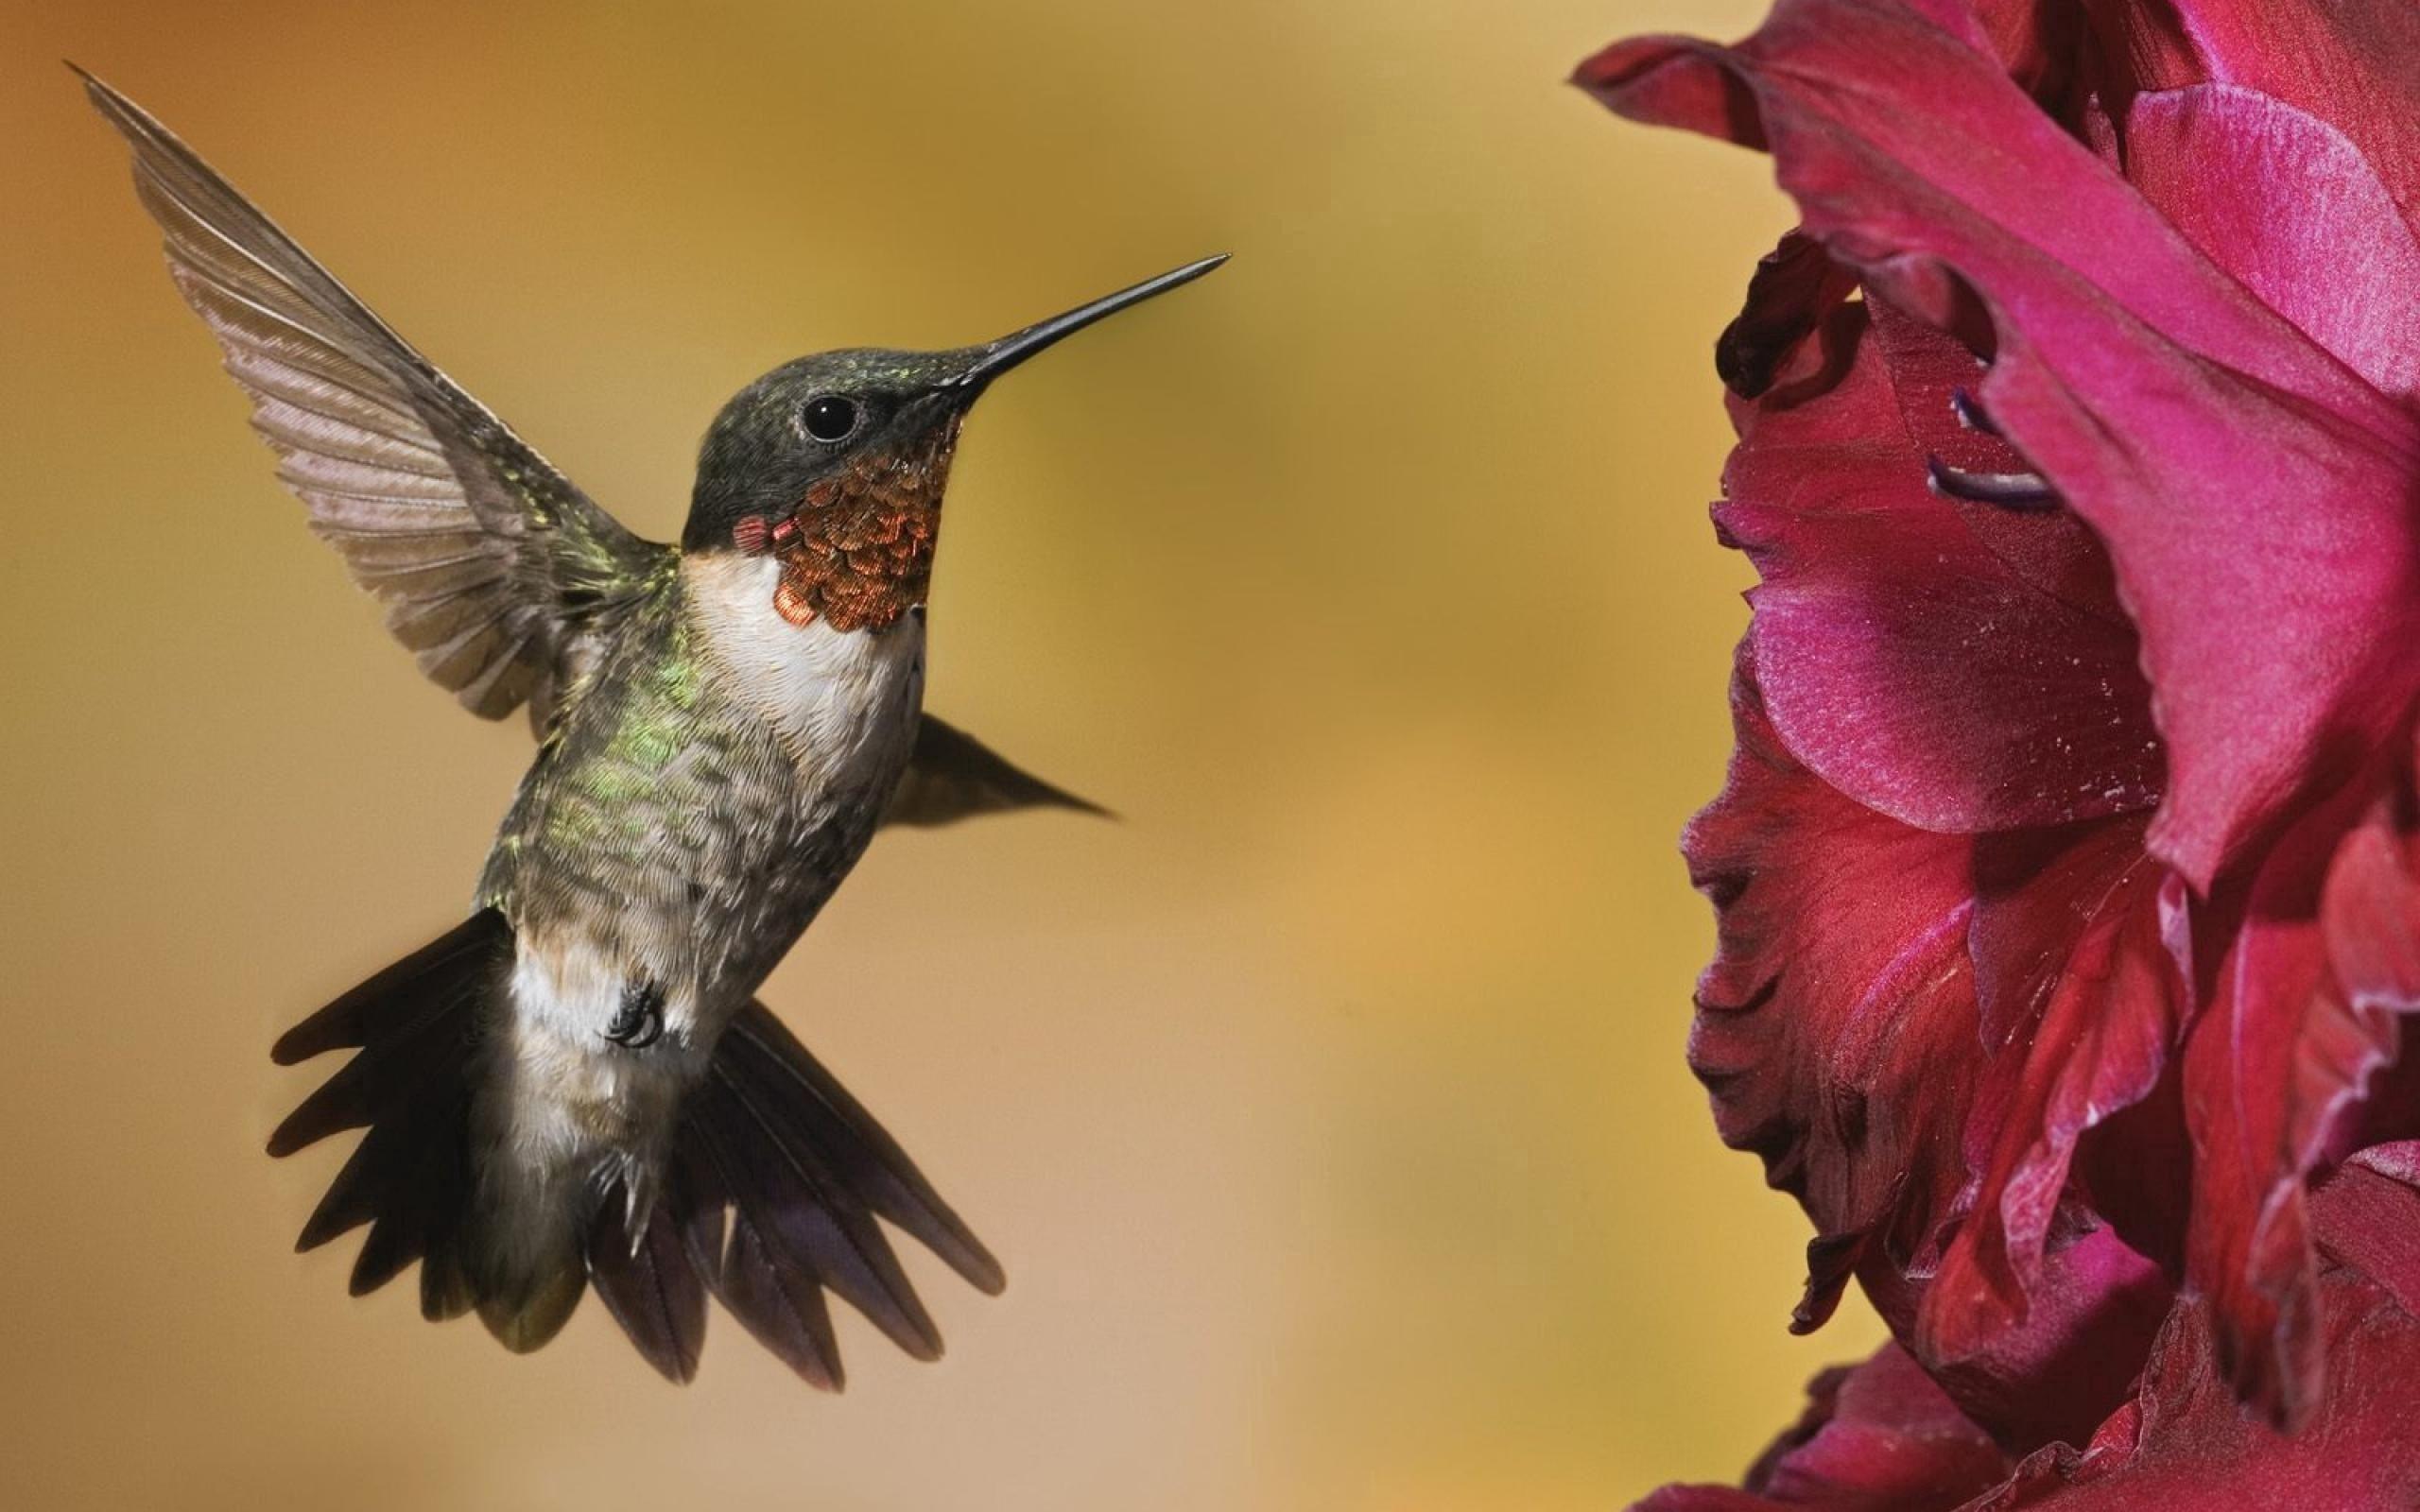 58214 économiseurs d'écran et fonds d'écran Oiseau sur votre téléphone. Téléchargez Oiseau, Animaux, Fleurs, Colibris images gratuitement